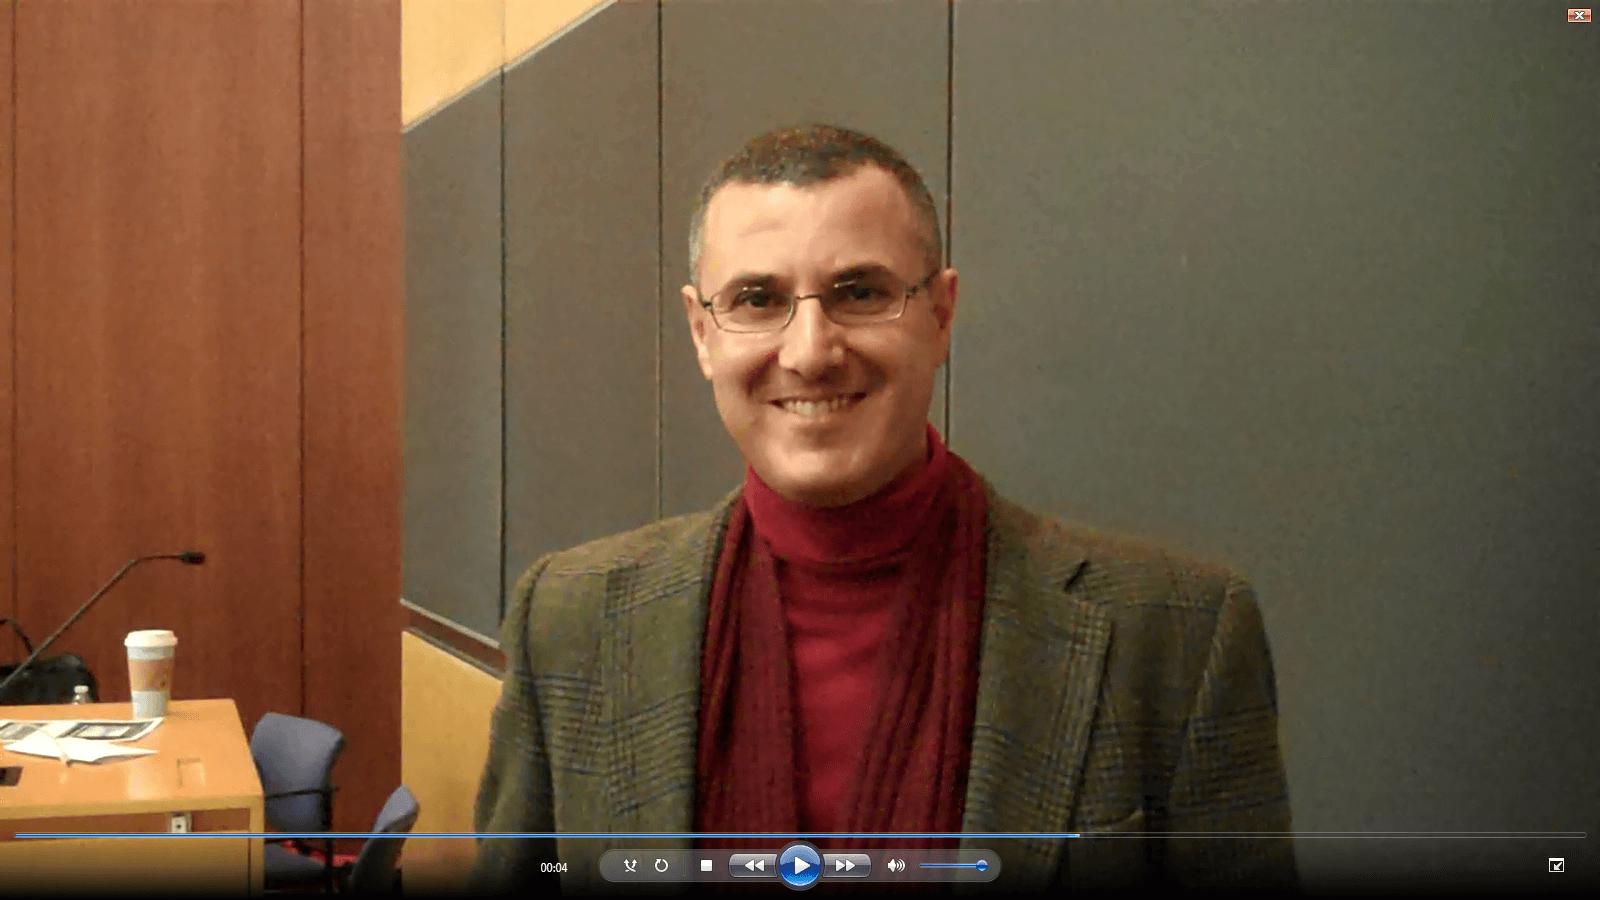 Omar Barghouti at Columbia Law School, Dec. 2, 2014